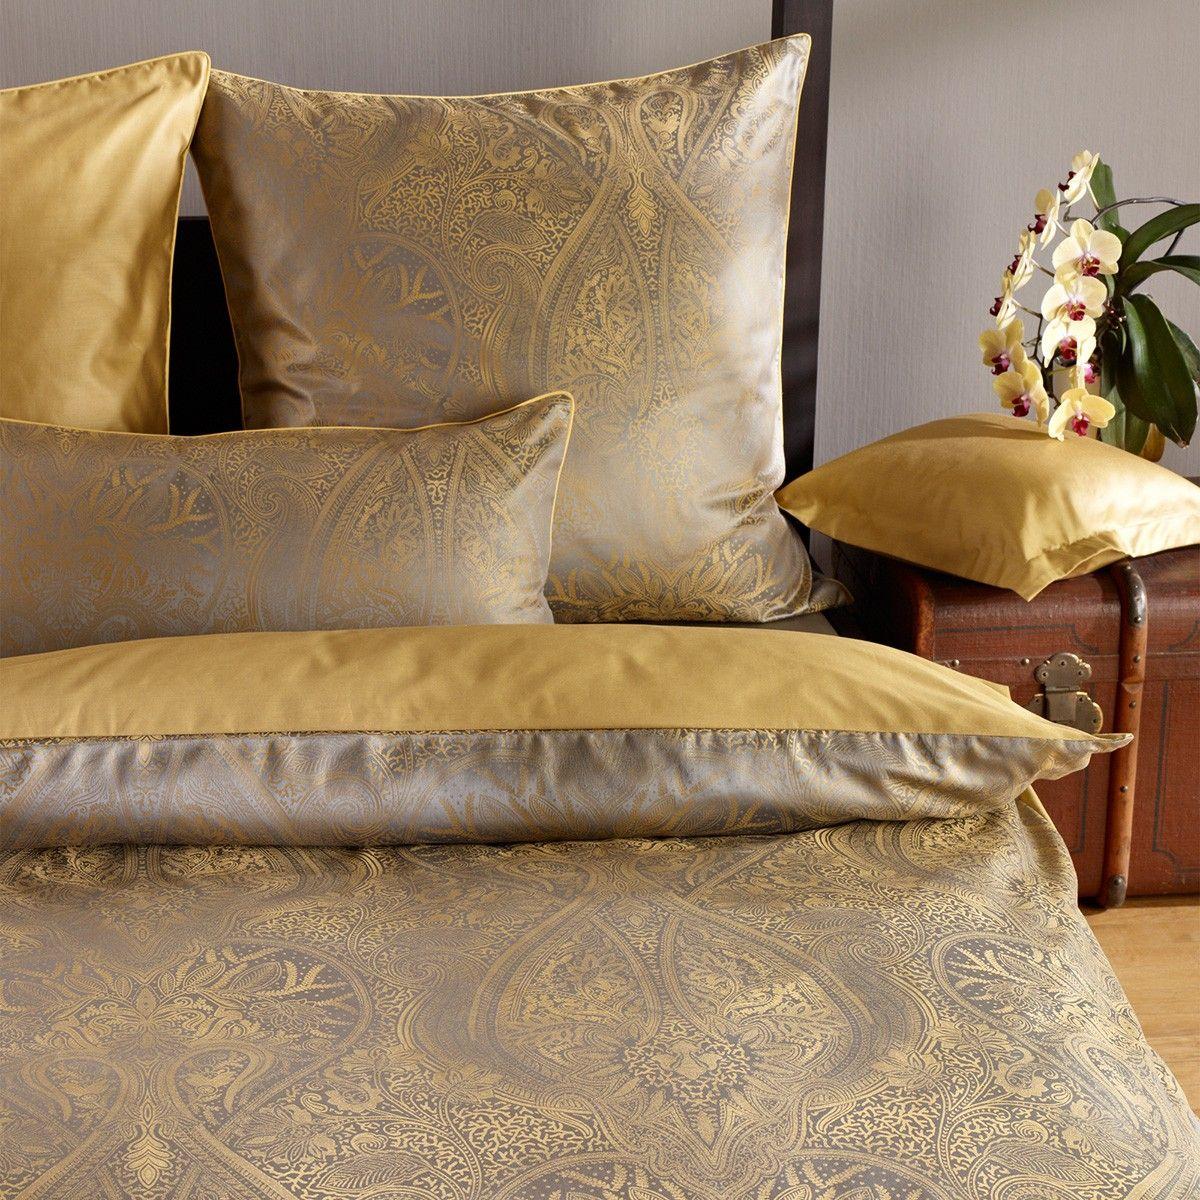 curt bauer delhi messing bettw sche online kaufen bei. Black Bedroom Furniture Sets. Home Design Ideas